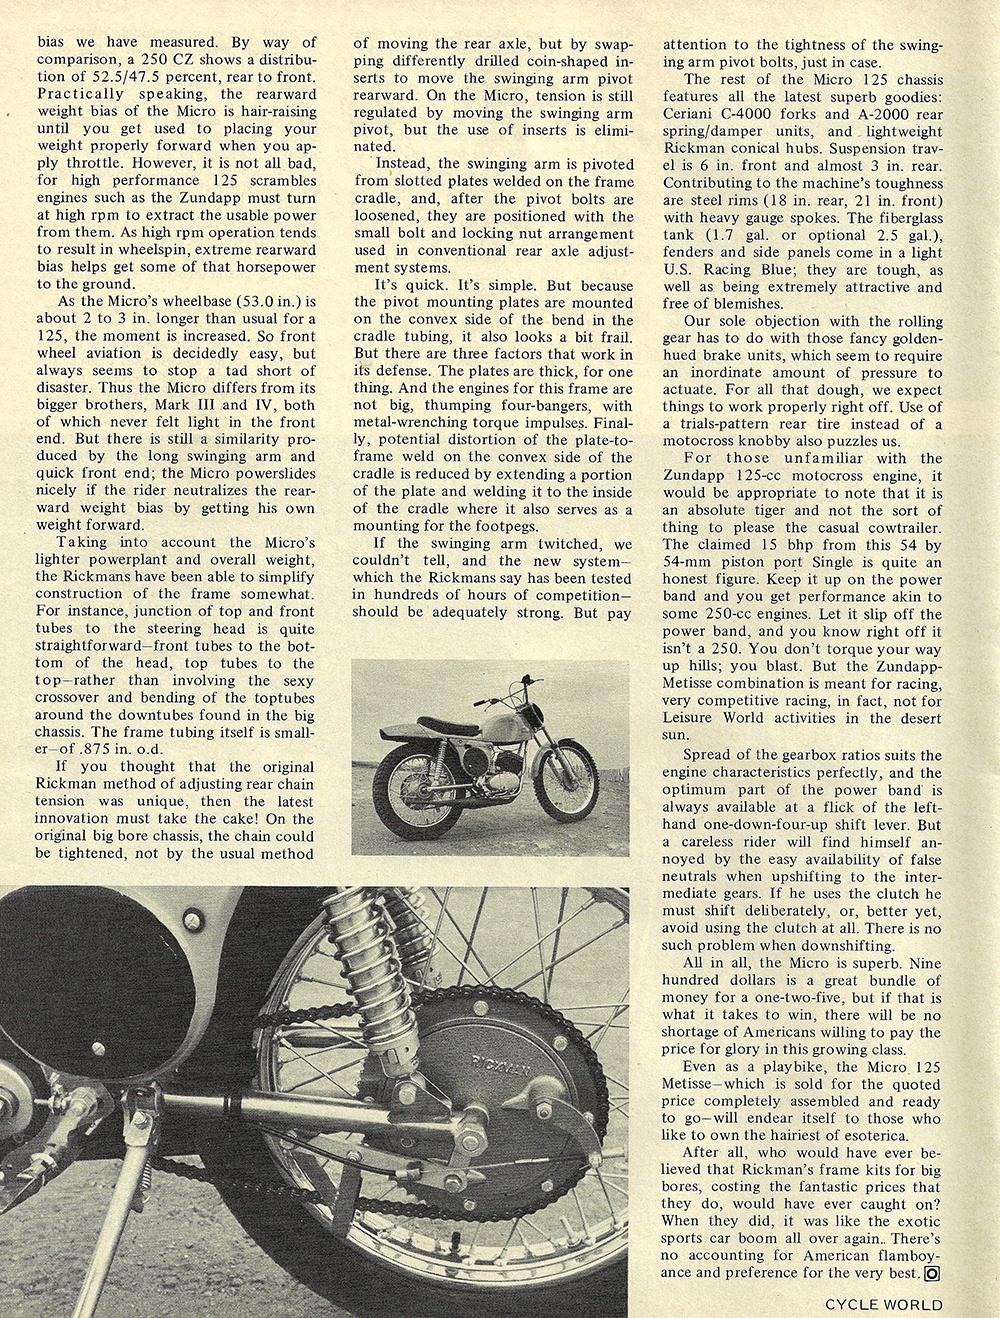 1970 Rickman Micro 125 Metisse road test 03.jpg